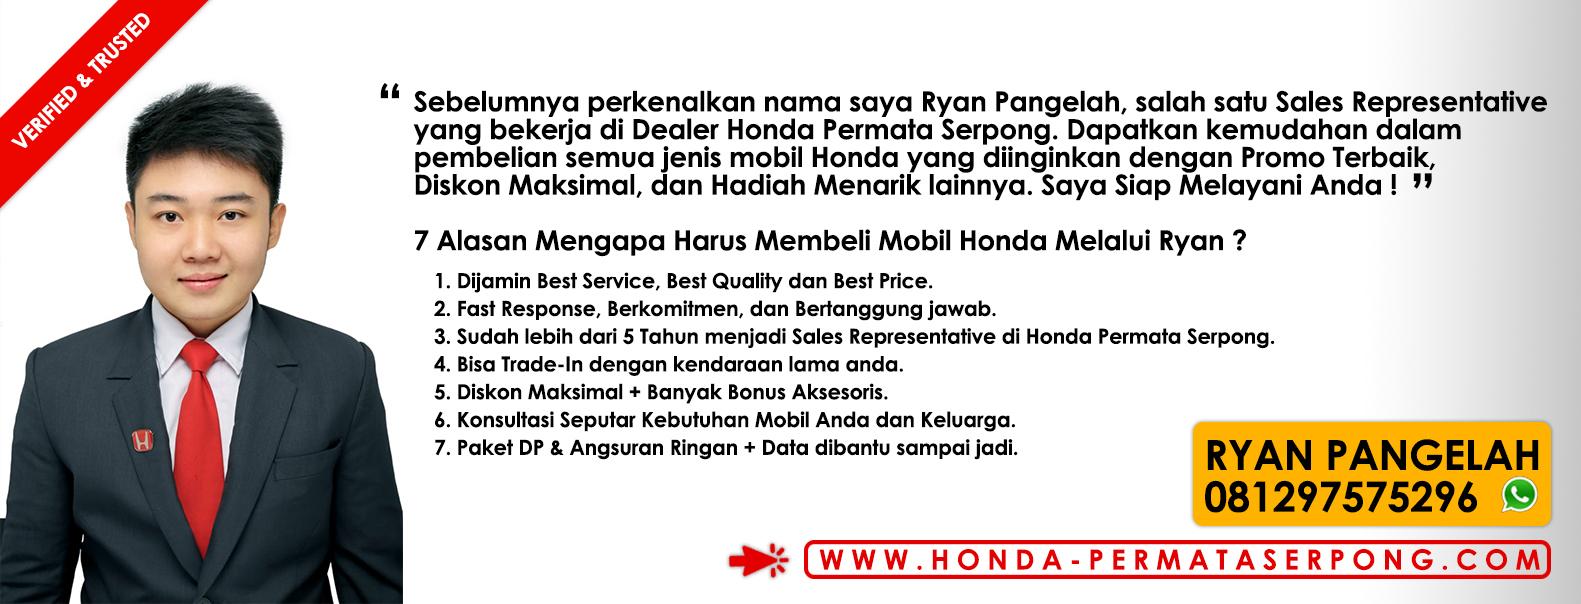 Kelebihan Kekurangan Honda Permata Serpong Perbandingan Harga